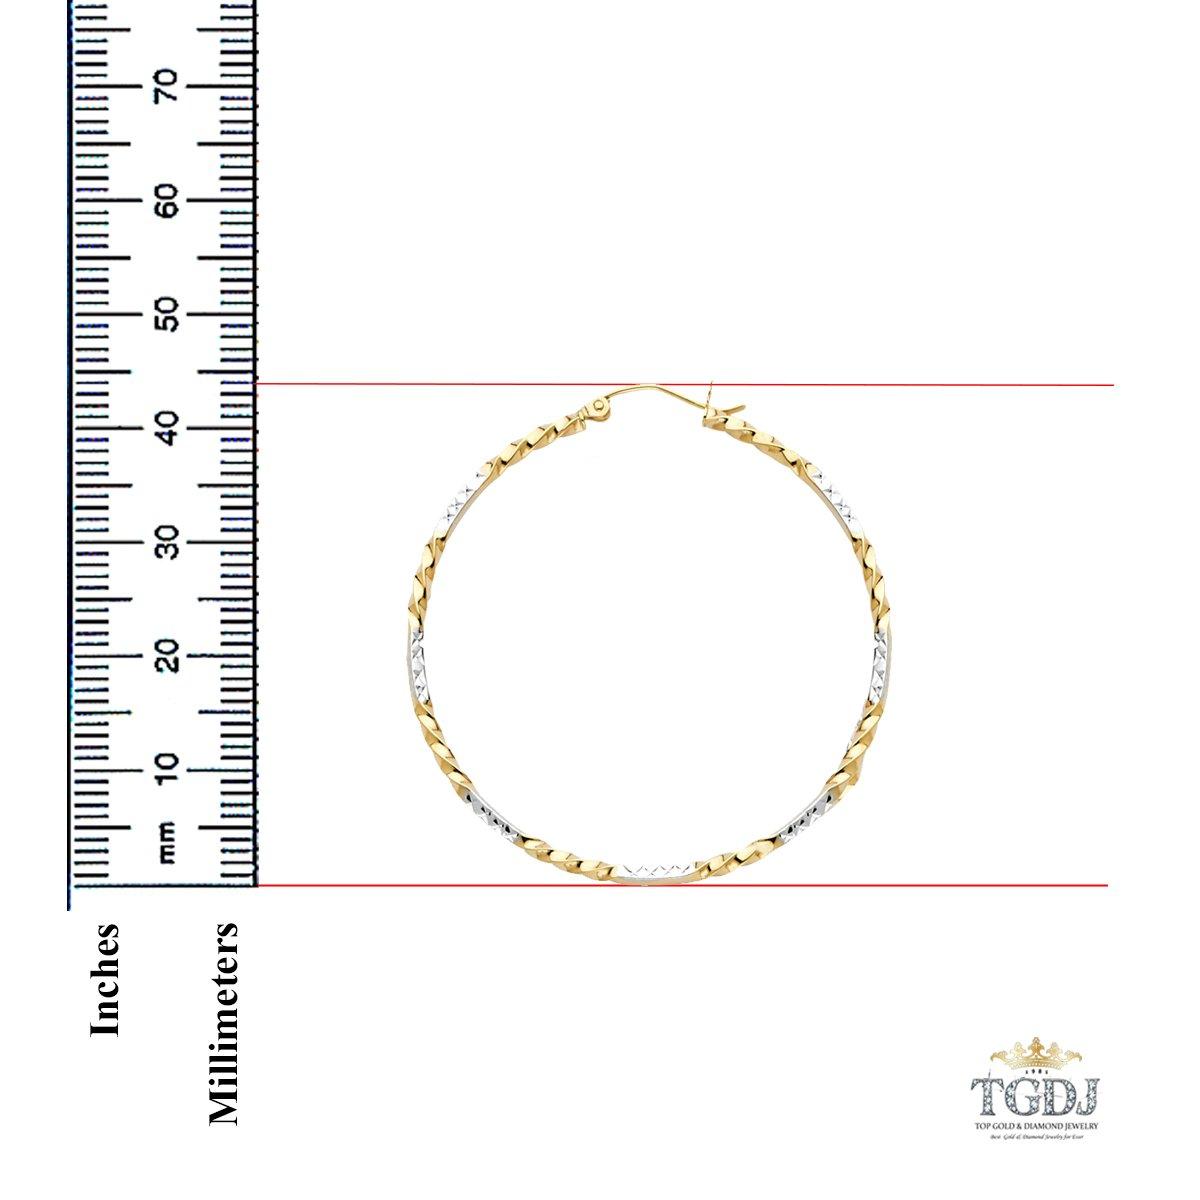 Diameter - 44 MM TGDJ 14K Yellow White Curled Hoop Earrings